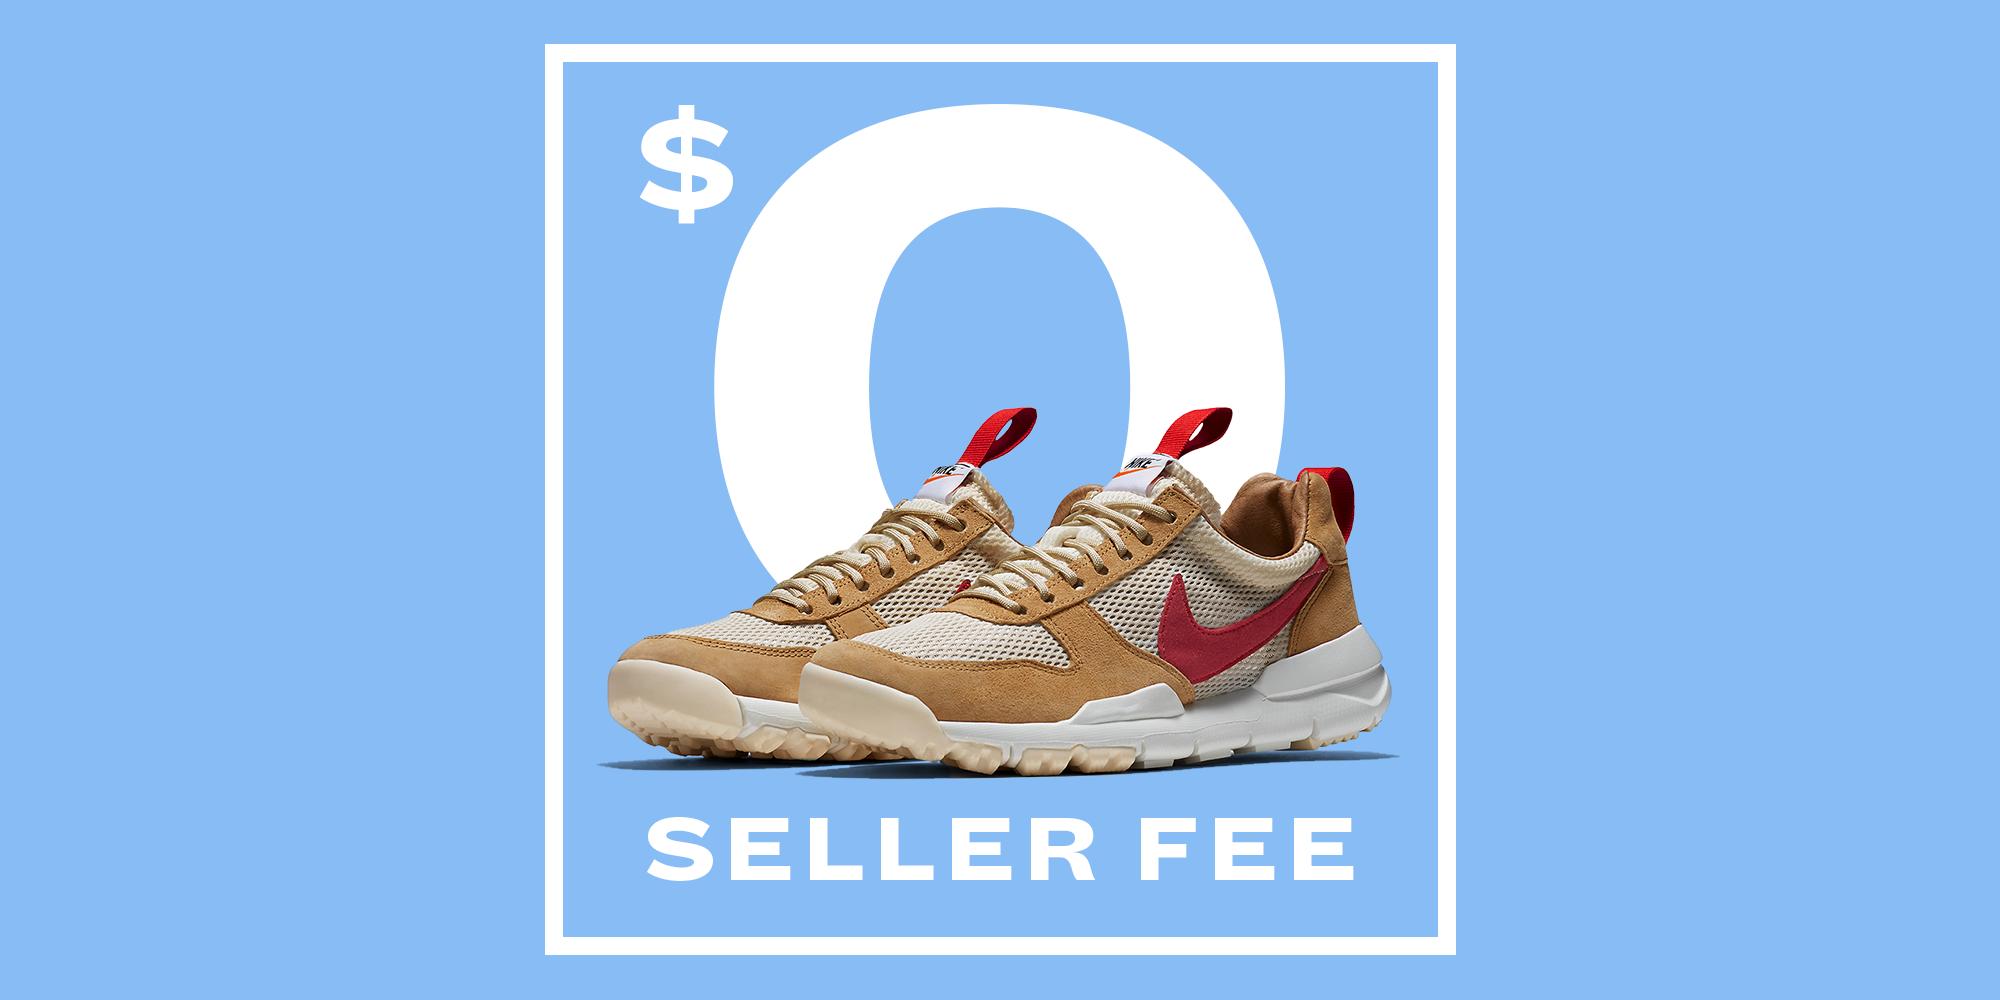 Ebay Is Making A Bid For Sneaker Resale Dominance